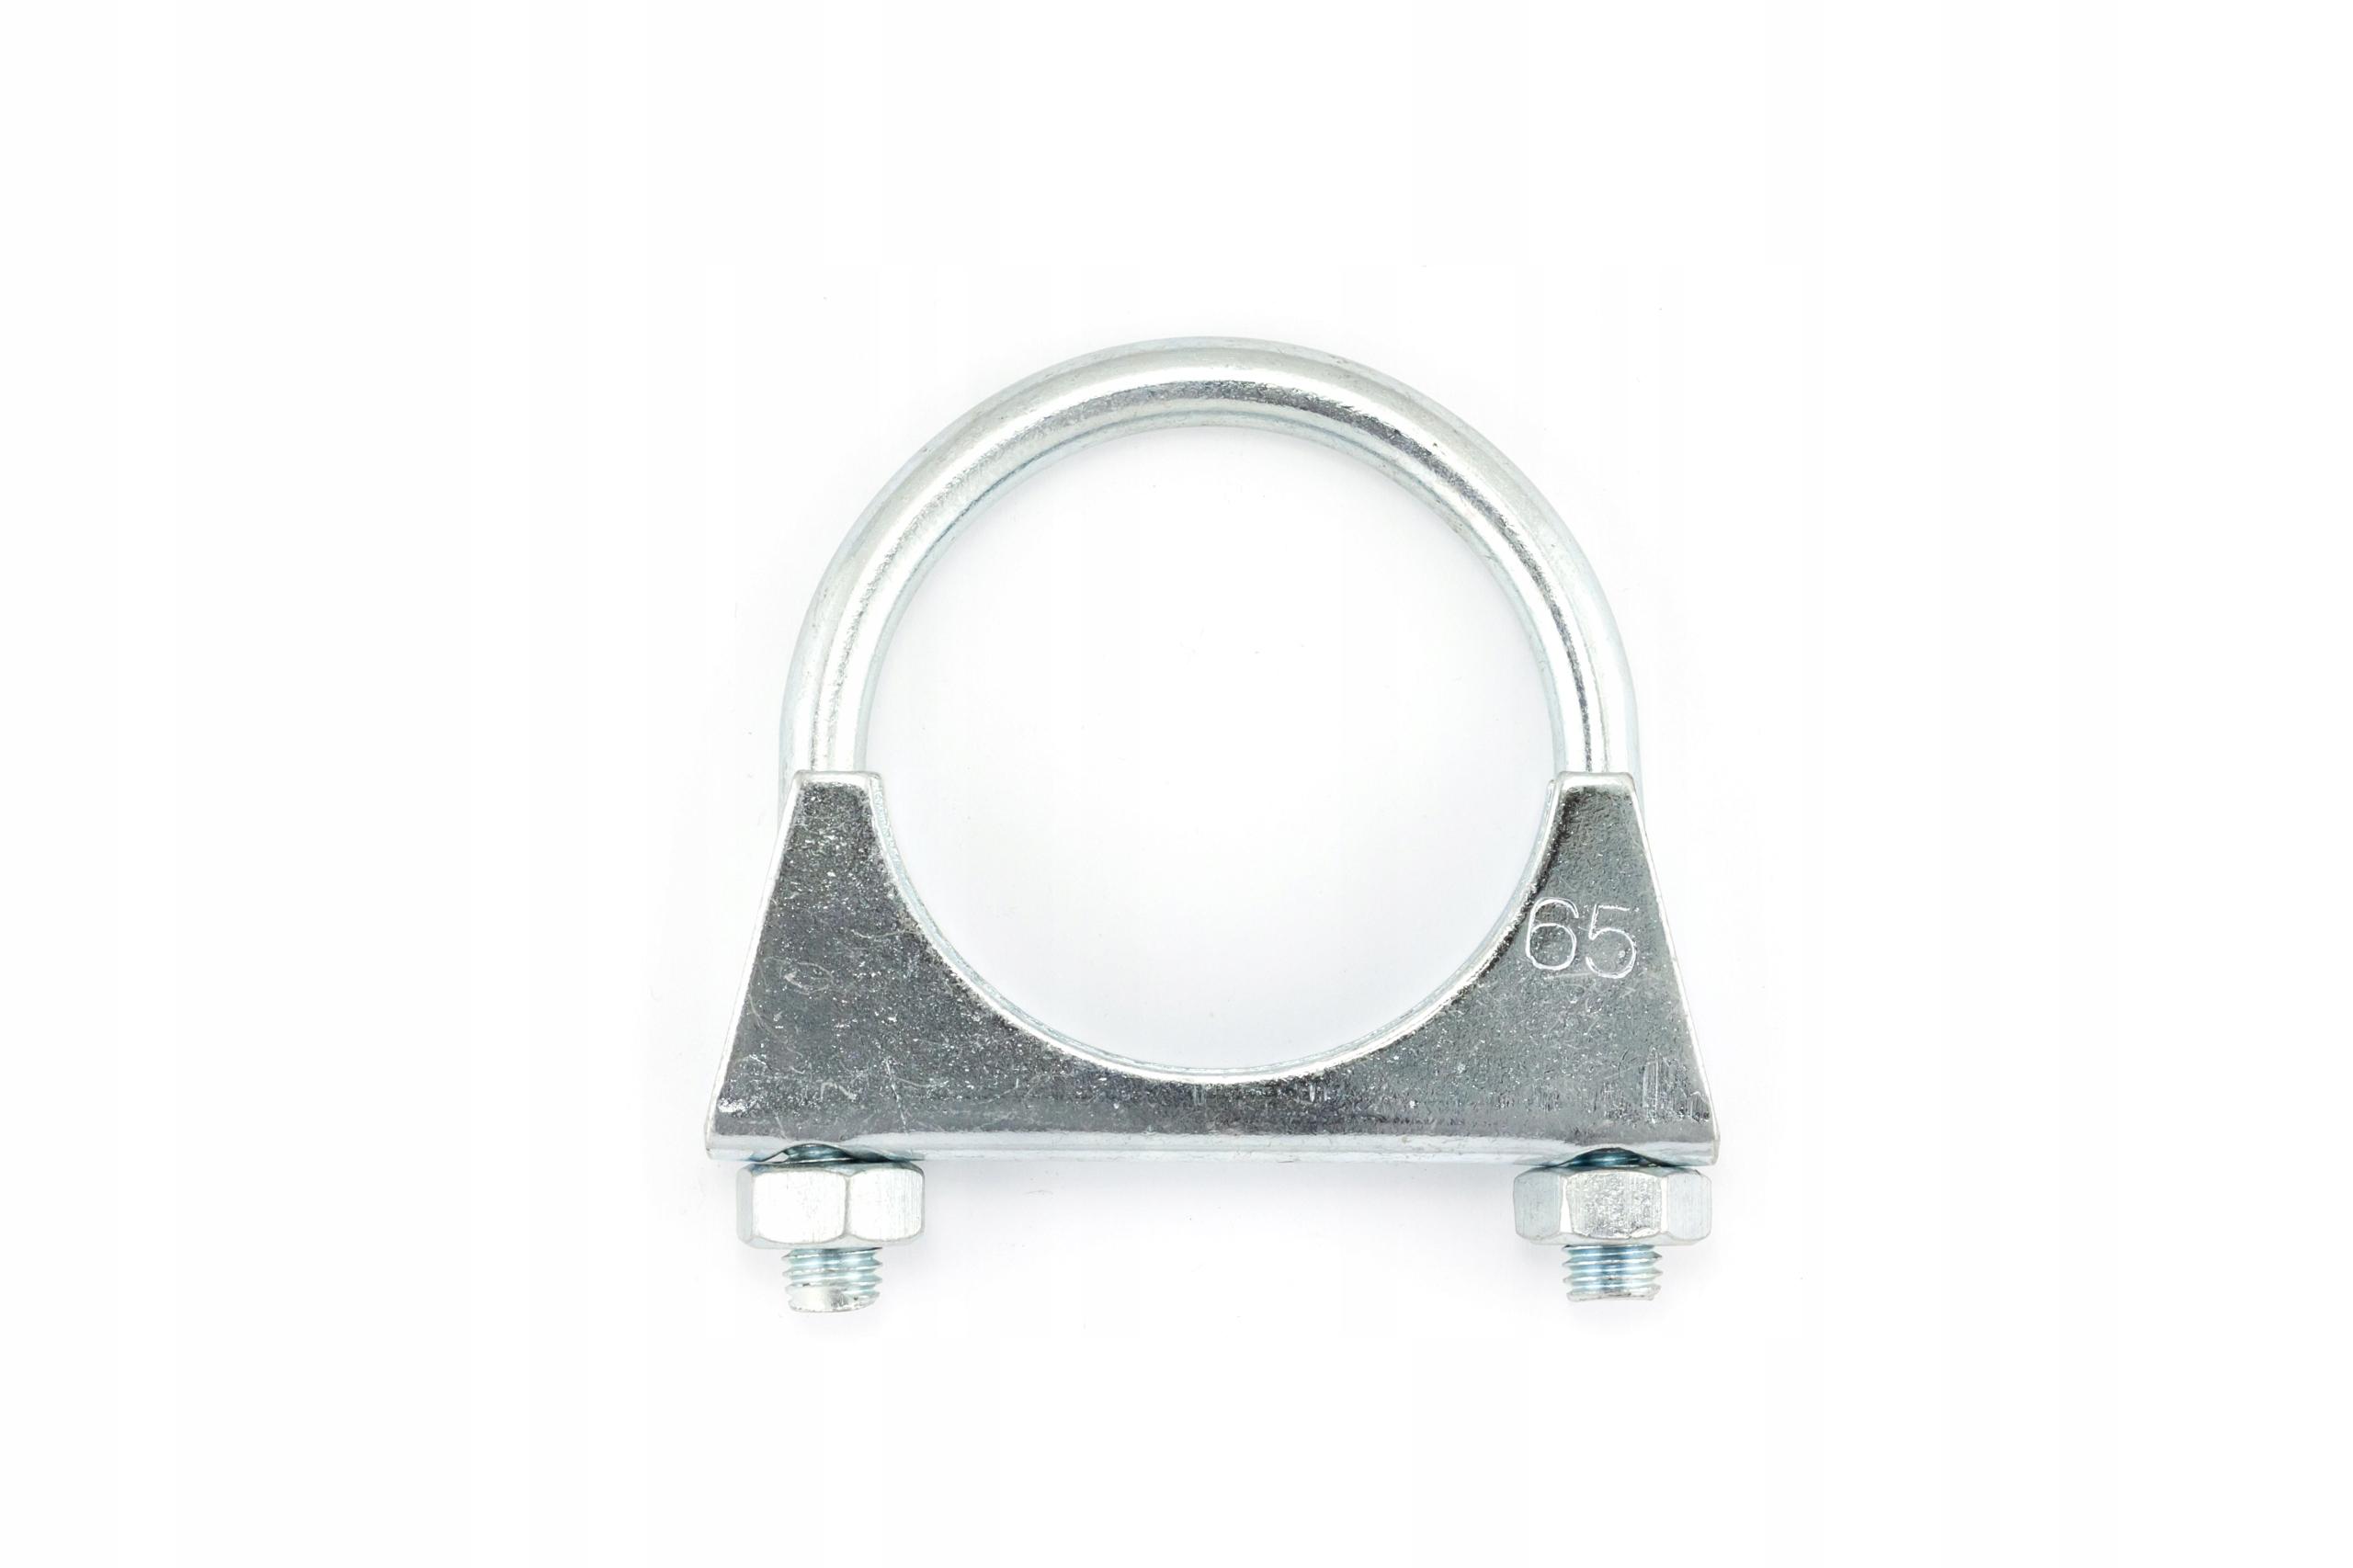 зажим повязка глушителя выдохе m10x65 мм fi 65 мм